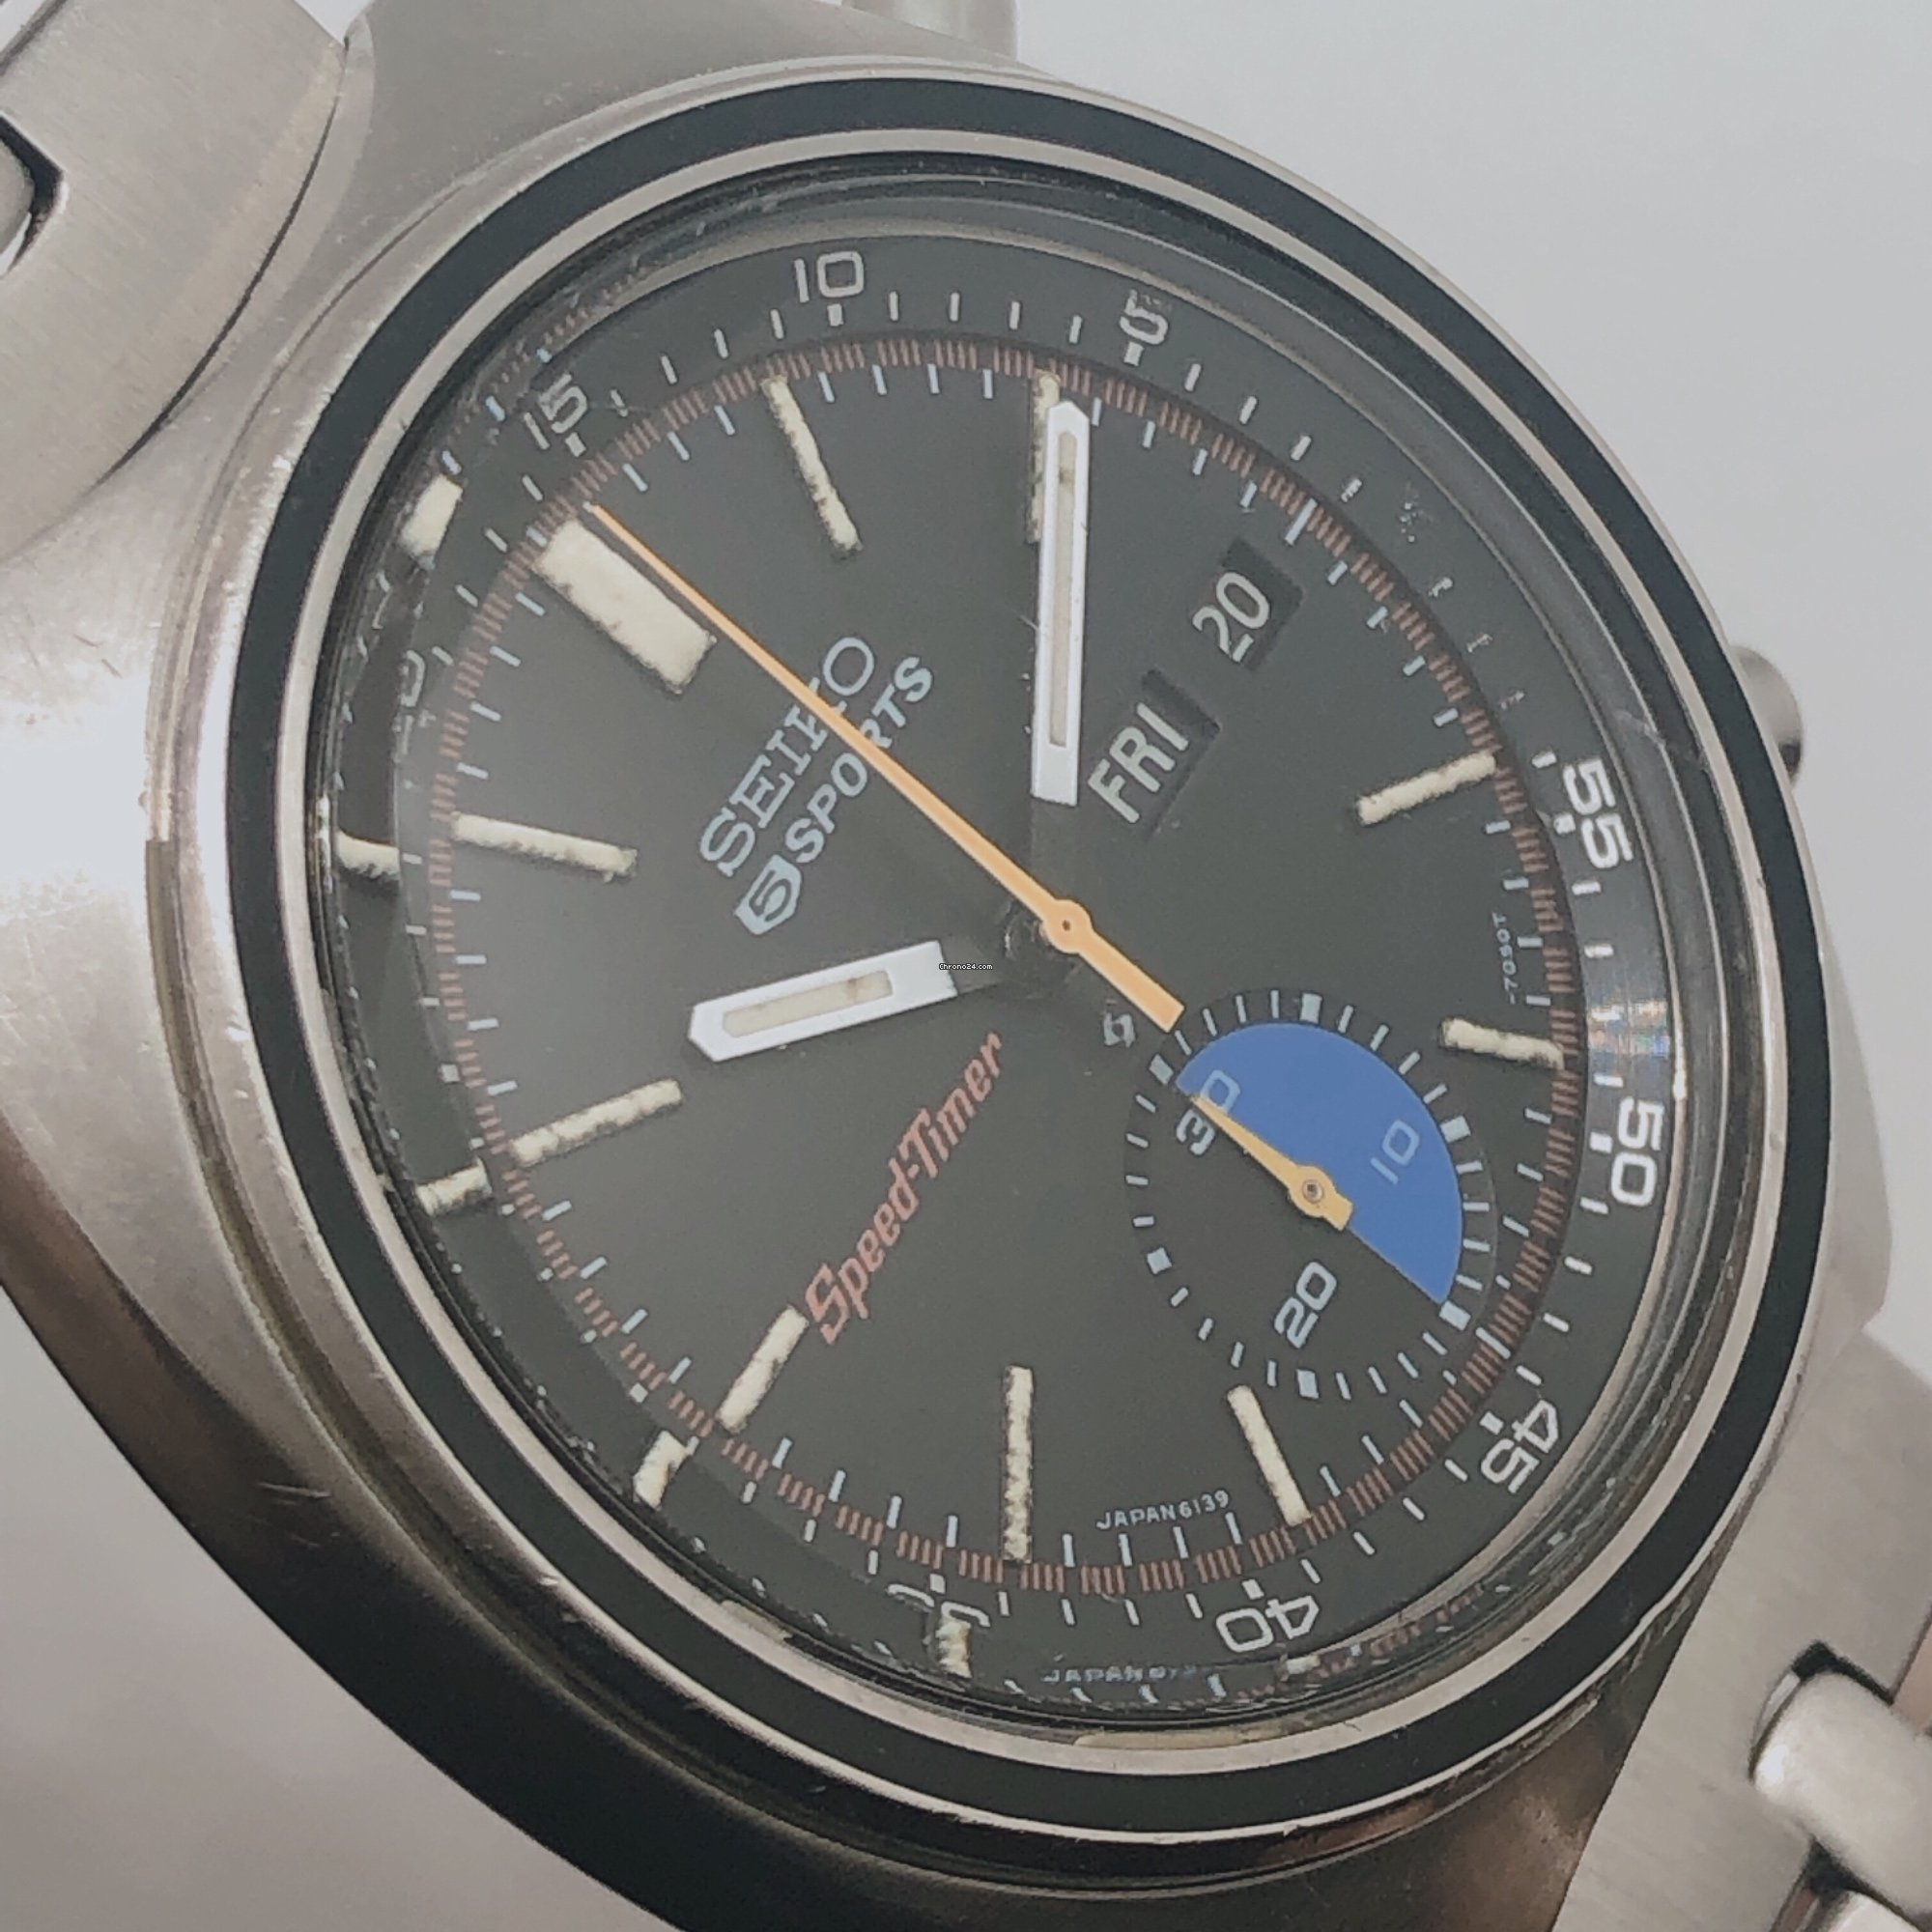 Seiko Vintage Seiko 5 Sports Speedtimer 6139 7020 For 425